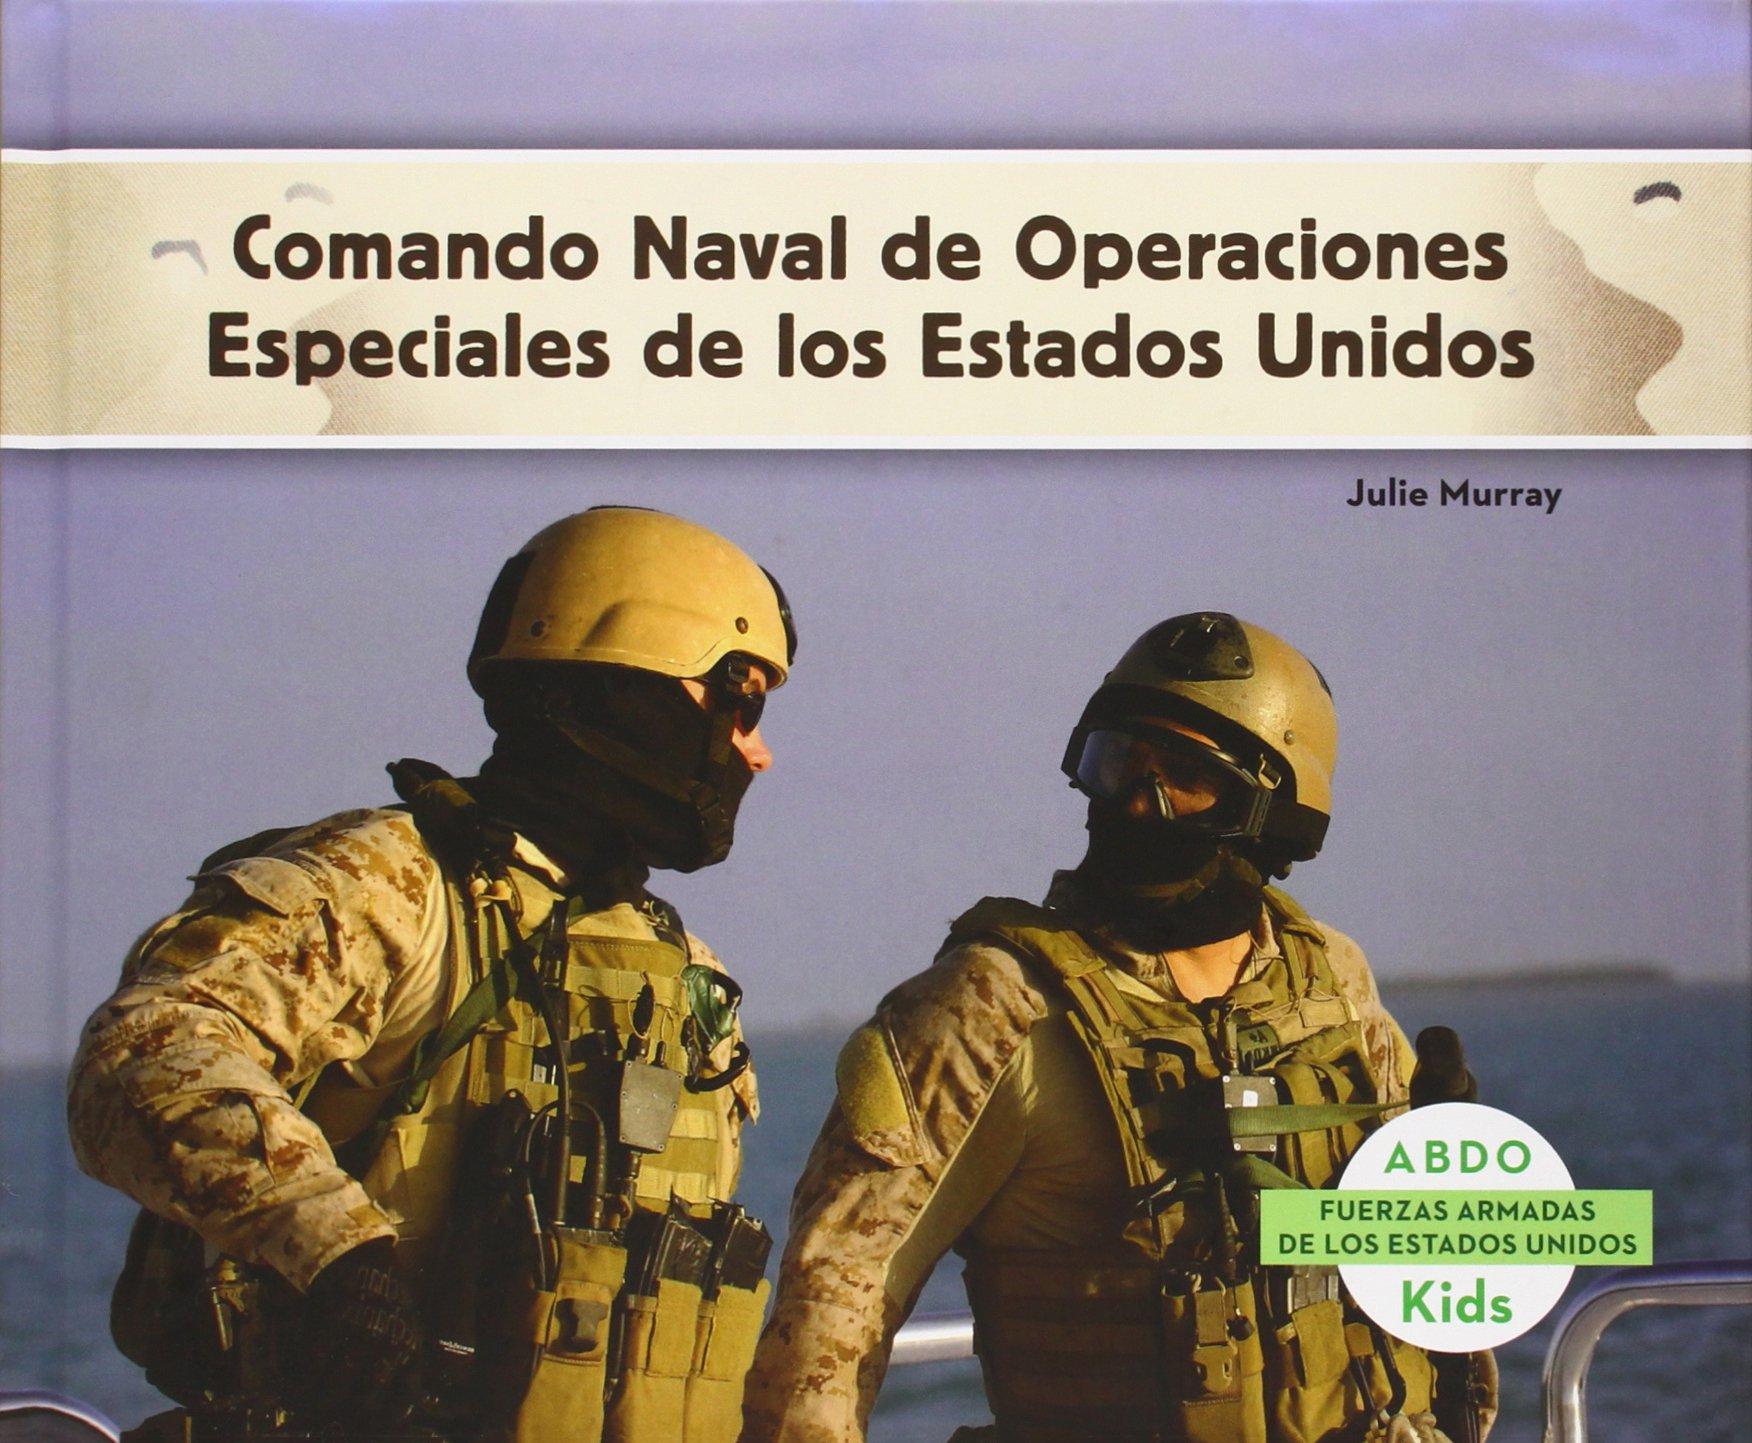 Comando Naval de Operaciones Especiales de los Estados Unidos=Navy SEALs Las Fuerzas Armadas De Los Estados Unidos / U.S. Armed Forces: Amazon.es: Murray, Julie: Libros